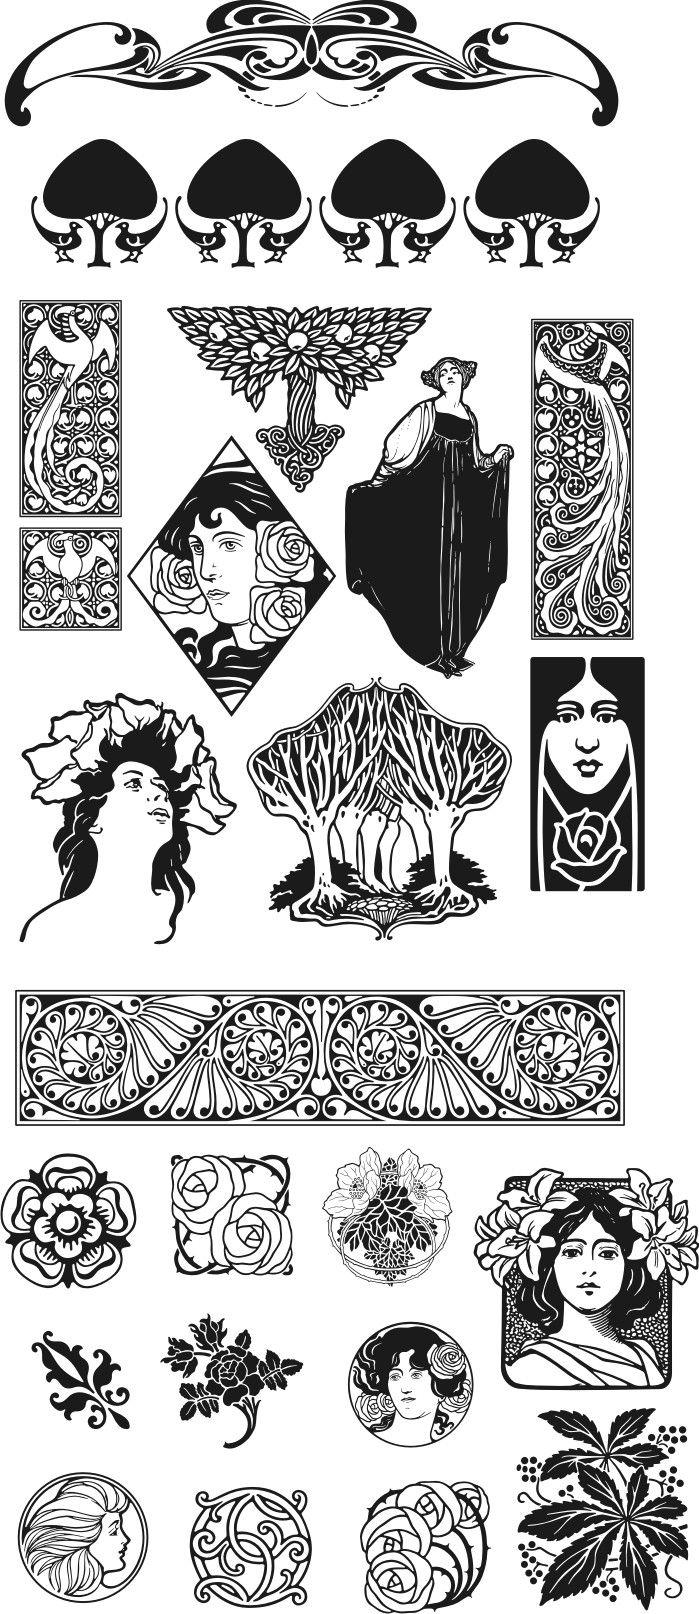 Arts Crafts Art Nouveau Vector Graphics Collection Ebay Art Nouveau Pattern Art Nouveau Design Art Nouveau